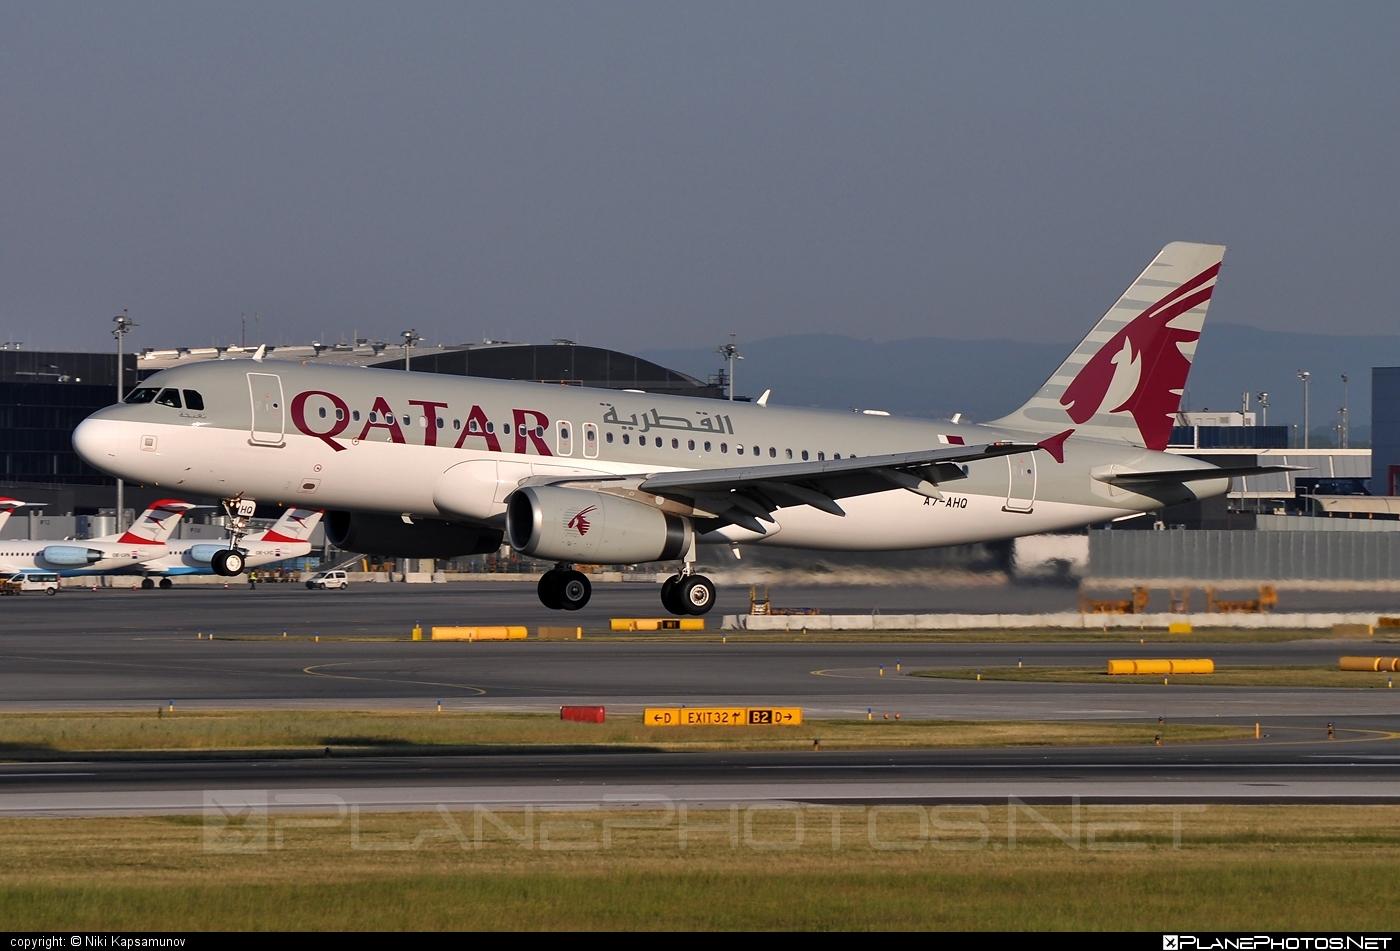 Airbus A320-232 - A7-AHQ operated by Qatar Airways #a320 #a320family #airbus #airbus320 #qatarairways